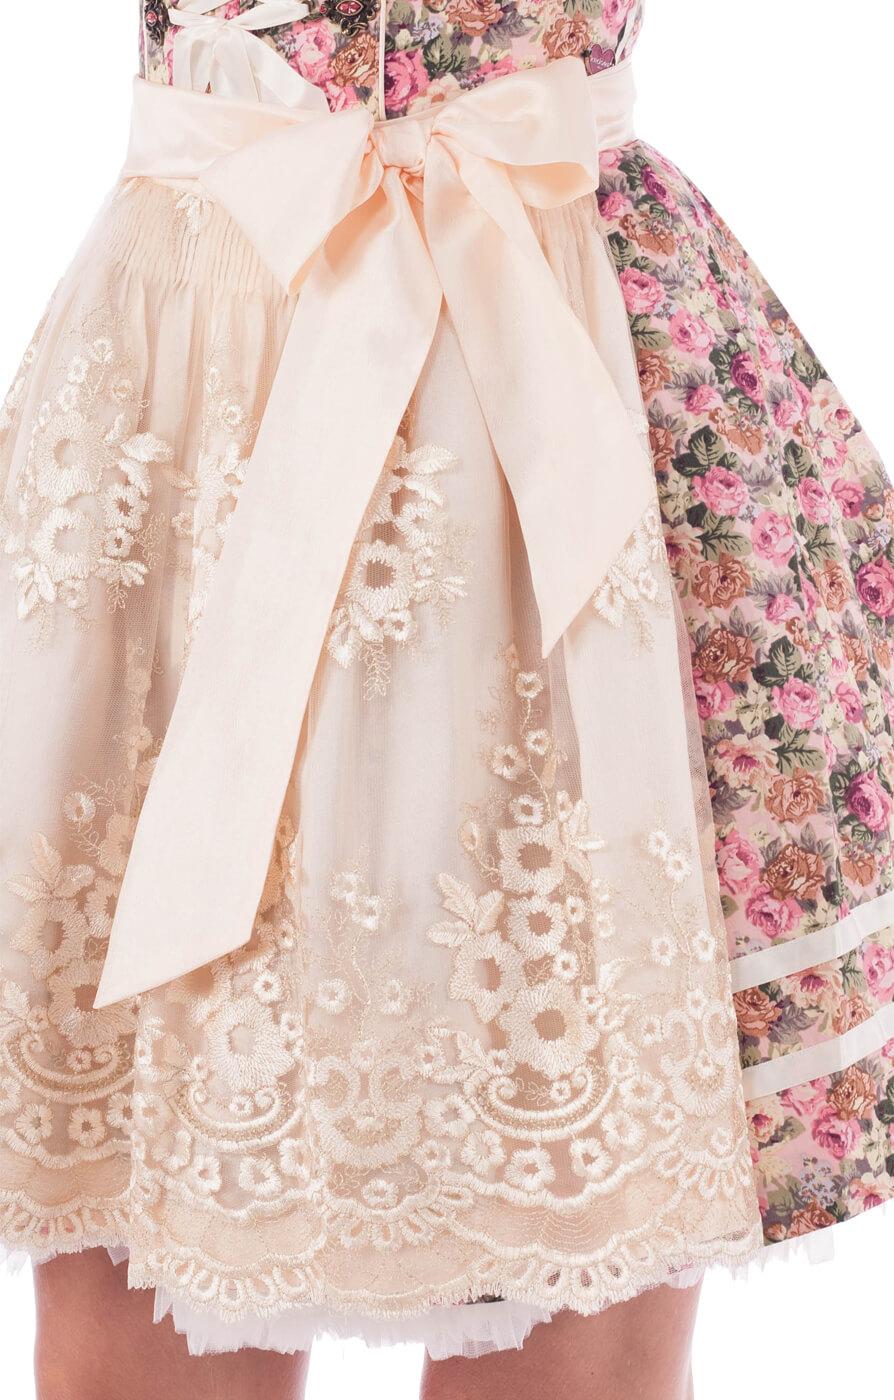 weitere Bilder von Minidirndl Blumenzauber 50cm 2tlg. CHANEL Floraldruck rose